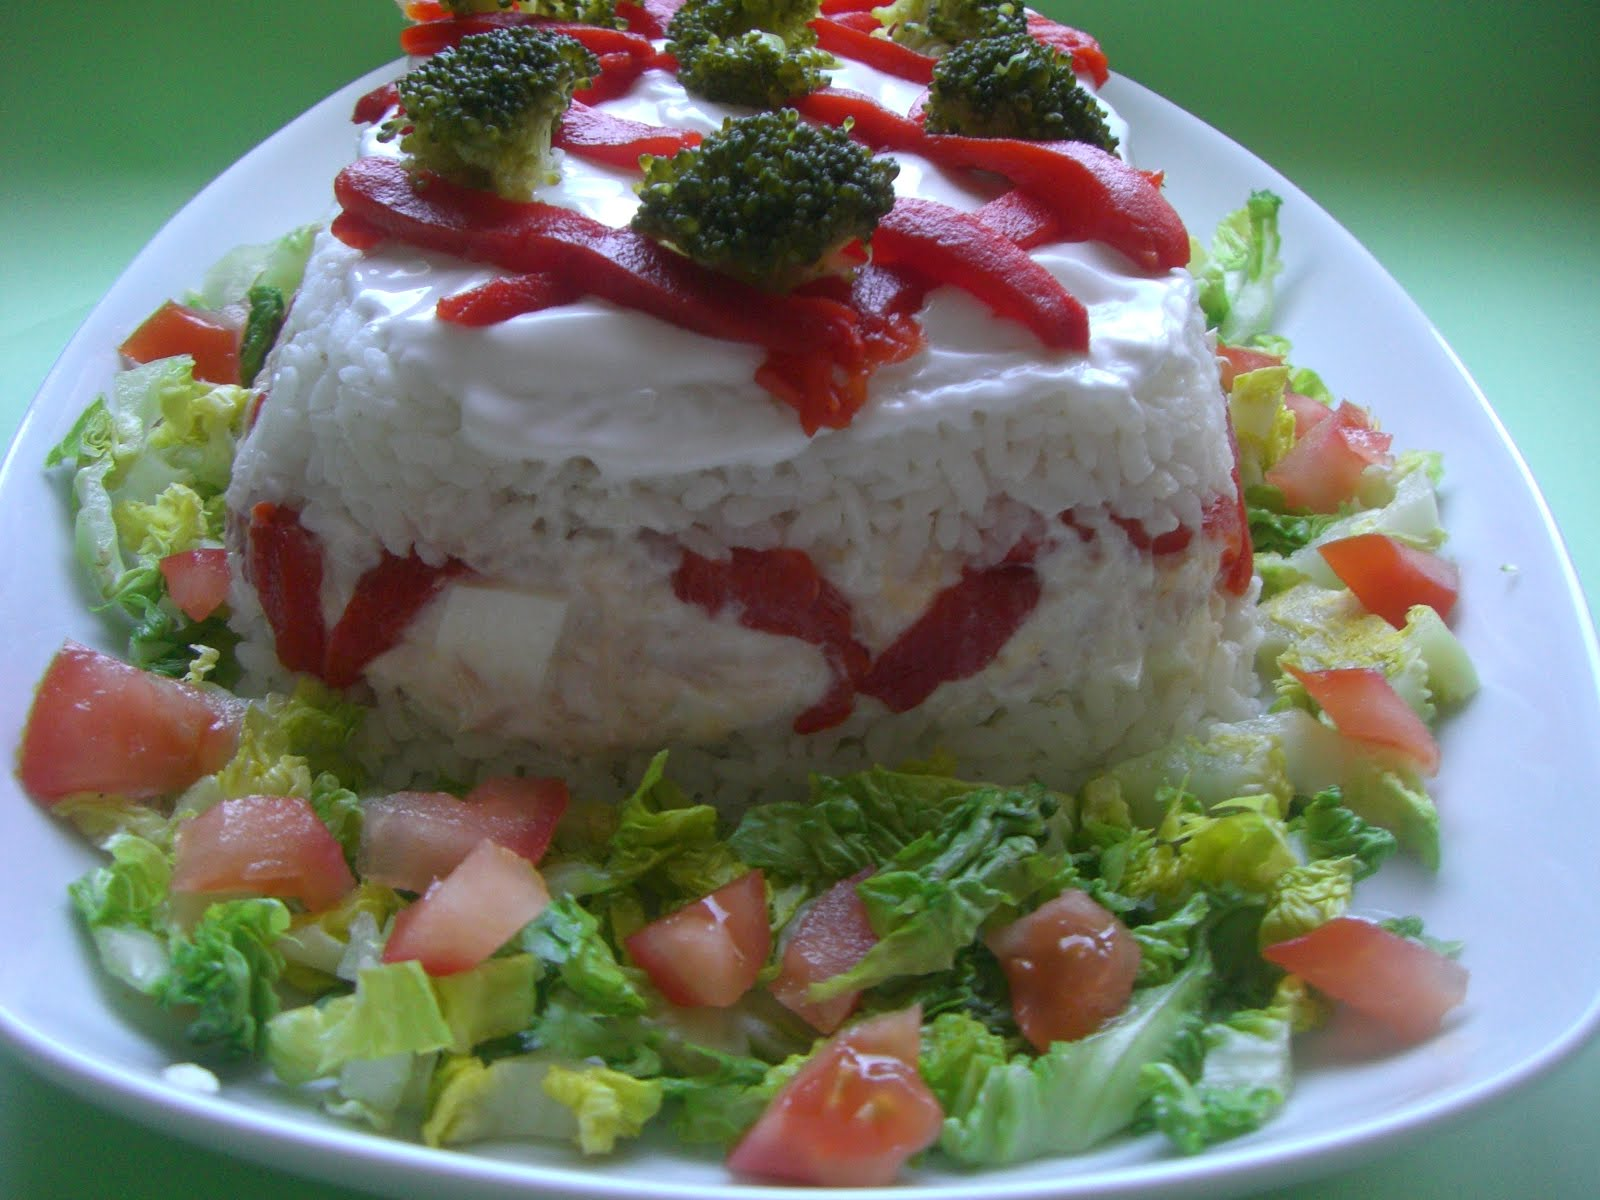 Concha cocina pastel de arroz for Cocina 5 ingredientes jamie